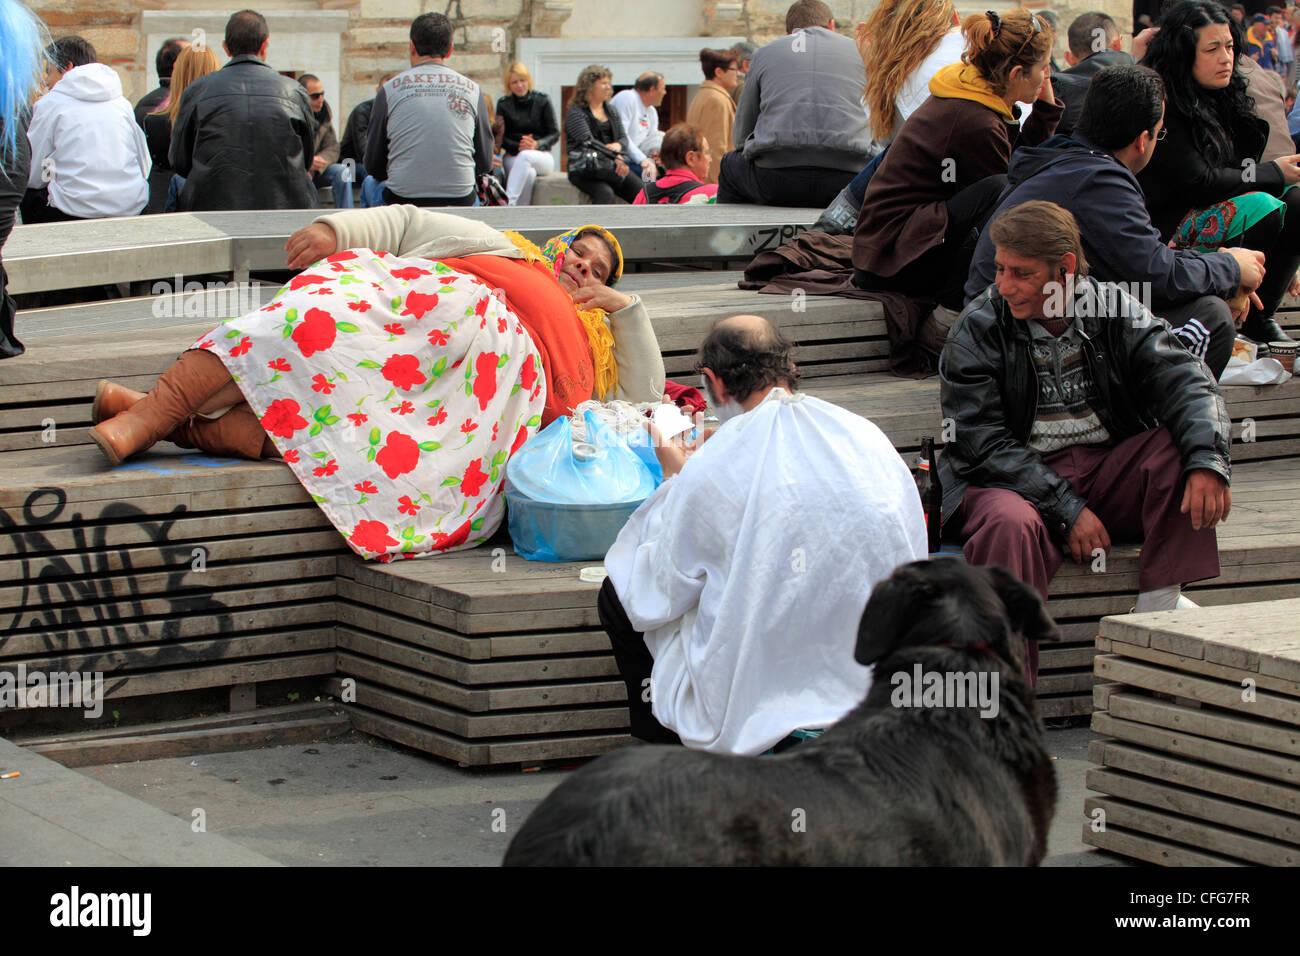 greece athens monastiraki some gipsies in the square - Stock Image